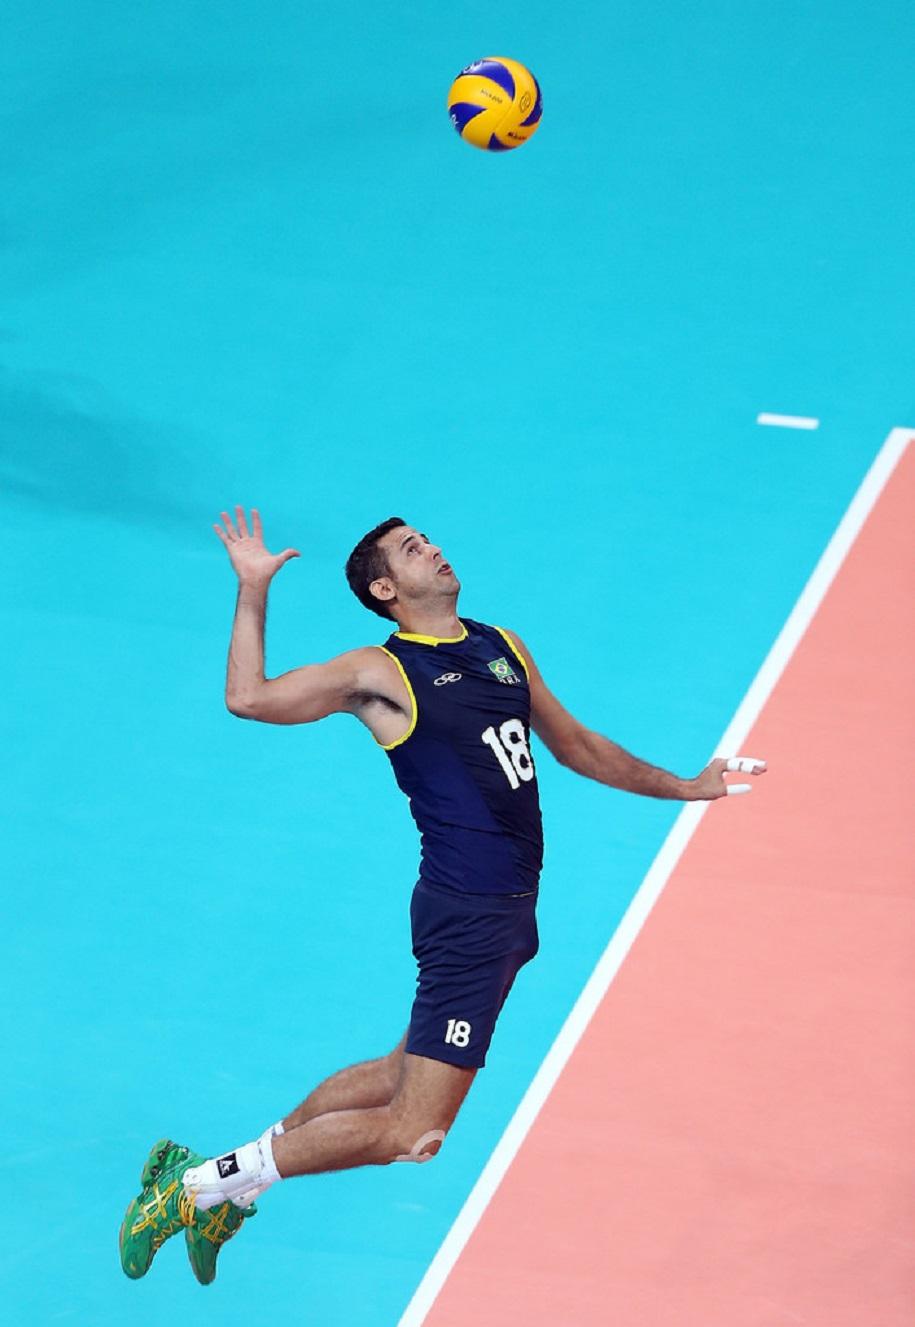 Luật bóng chuyền mới FIVB từng muốn thử nghiệm như thế nào?